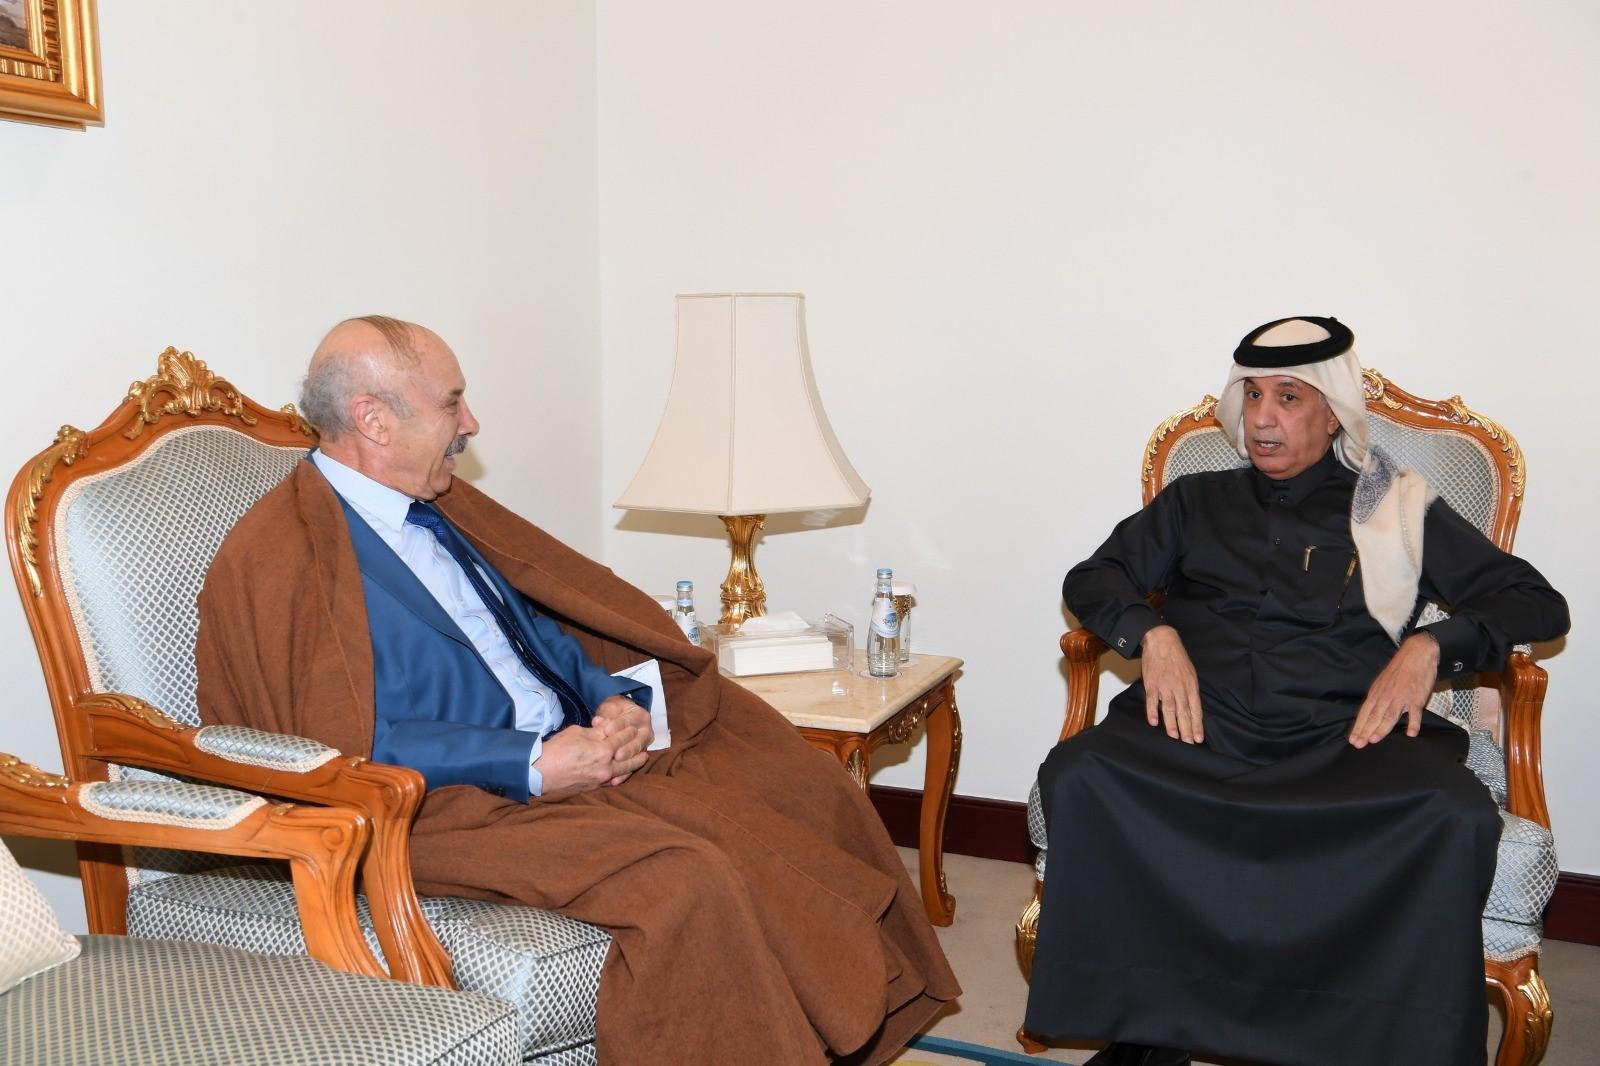 وزير الدولة للشؤون الخارجية يجتمع مع السفير الجزائري